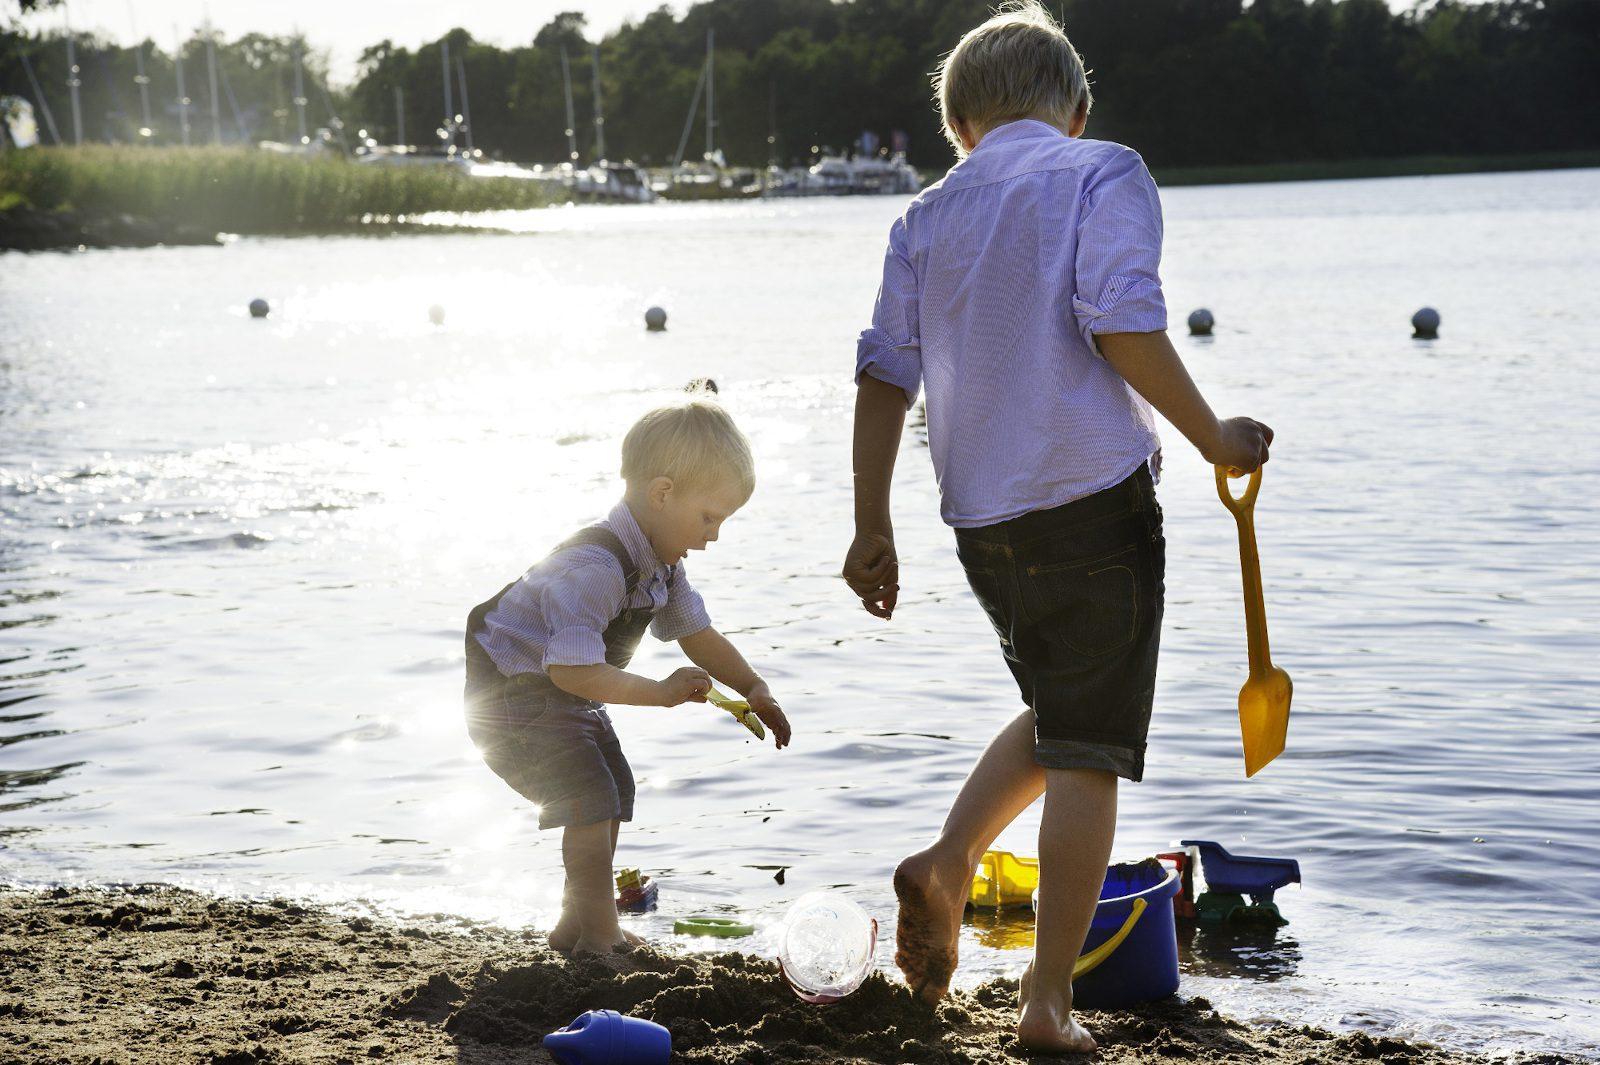 Kaksi lasta rannalla, leikkivät vesirajassa. Toisella on kädessä keltainen lapio.